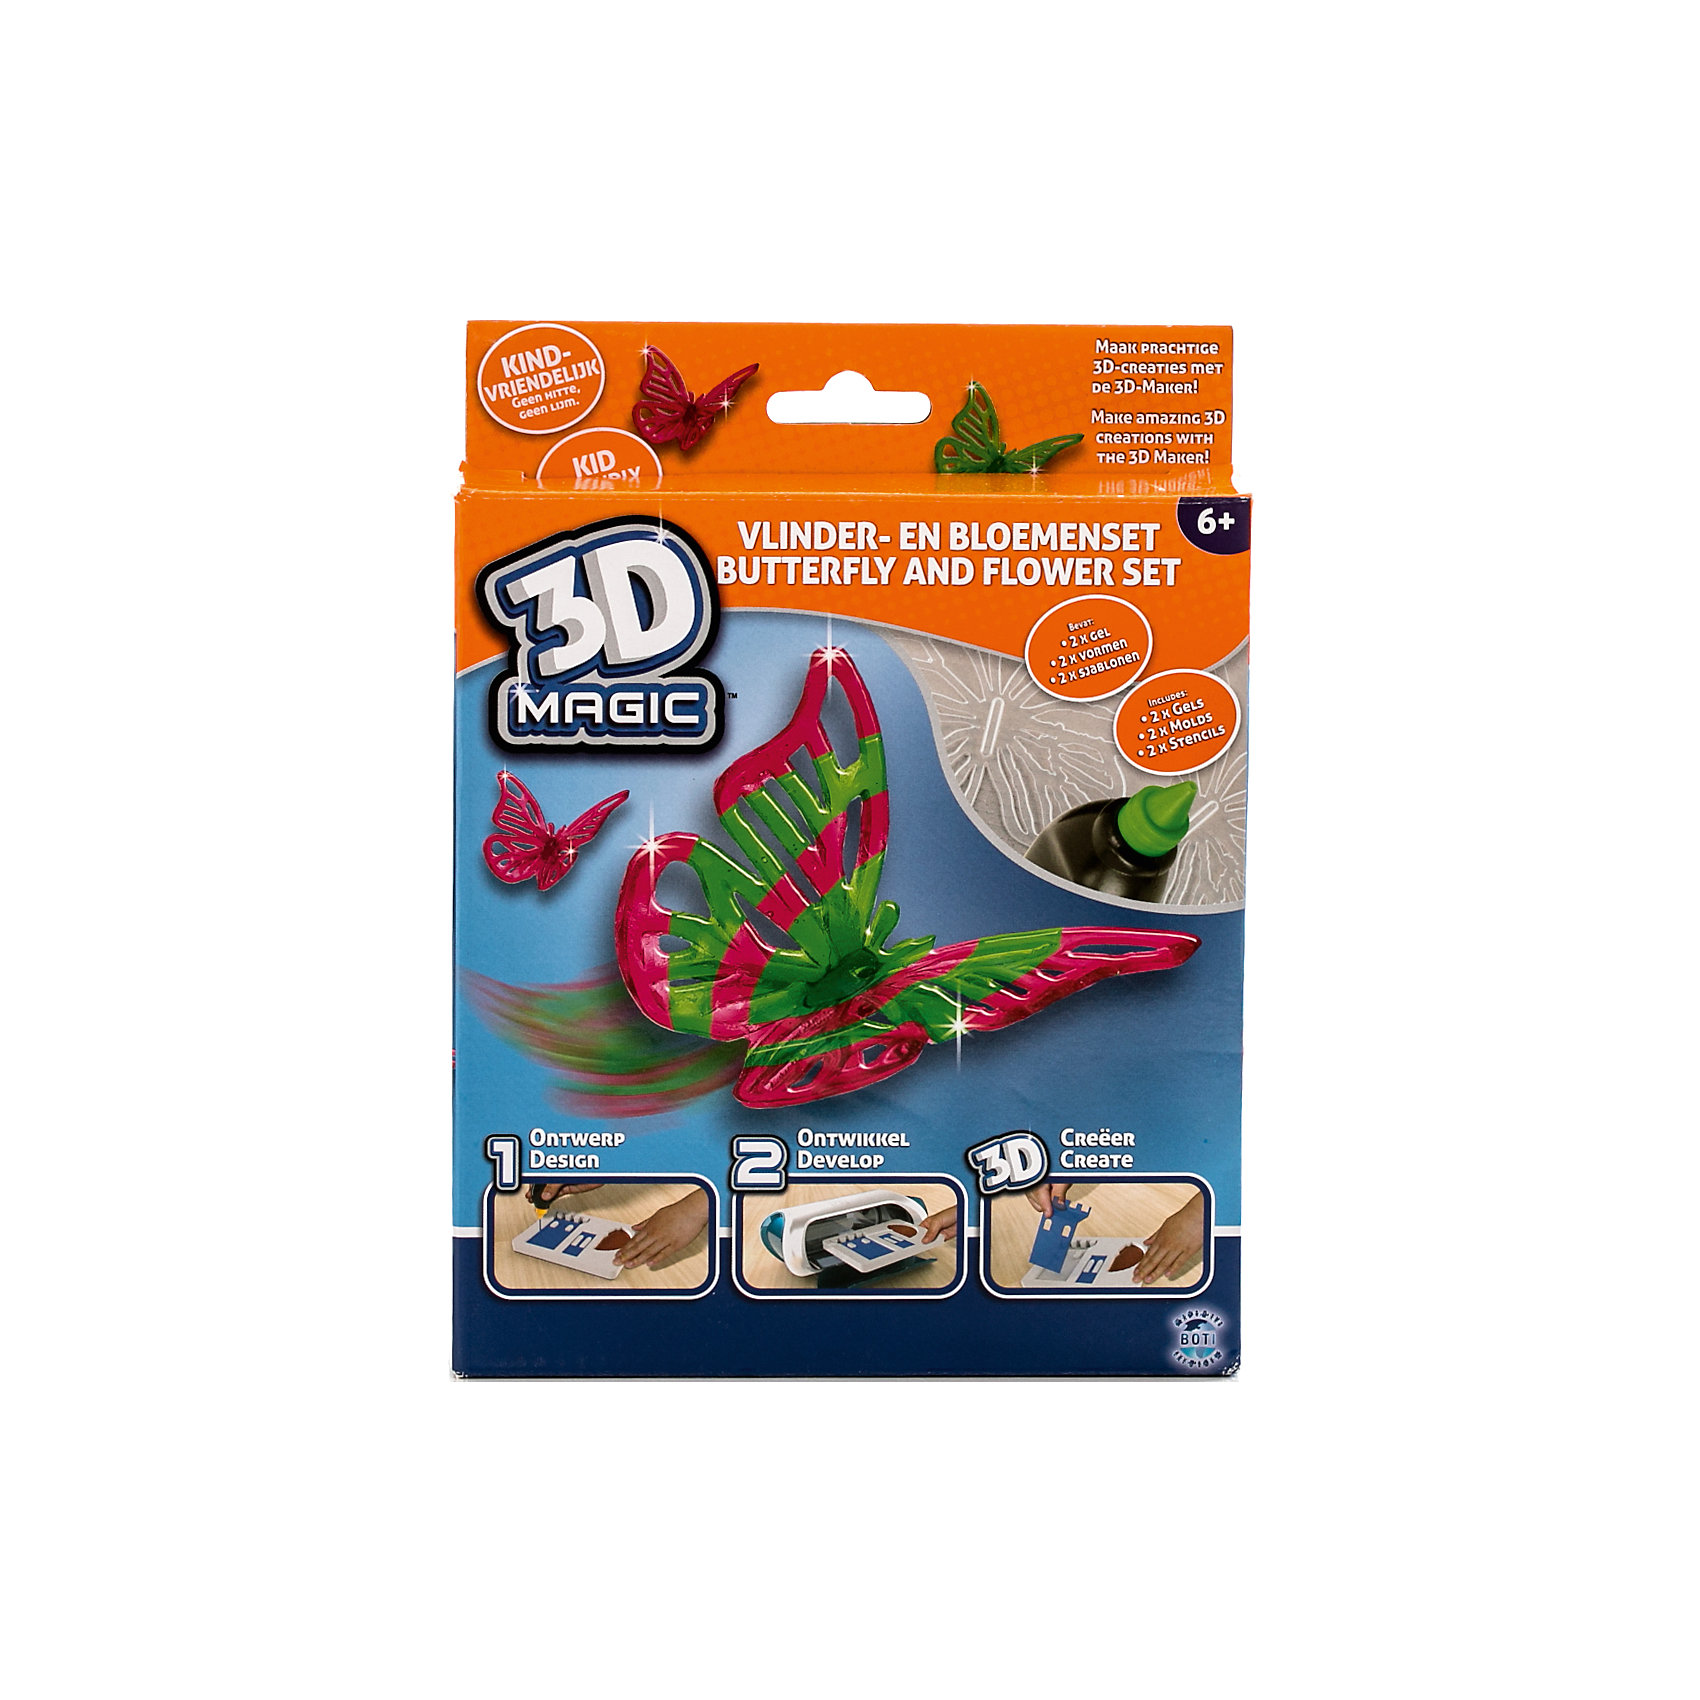 Тематический набор 3D Magic для создания объемных моделей Бабочка и цветокХарактеристики товара:<br><br>• цвет: разноцветный<br>• материал: пластик<br>• вес: 200 г<br>• размер упаковки: 16х20х4 см<br>• комплектация: 2 тюбика со специальным 3D гелем, 1 формочка бабочки, 1 трафарет бабочки, 1 формочка цветка, 1 дополнительный пустой трафарет для свободной игры, инструкция (ультрафиолетовая лампа не входит в комплект)<br>• упаковка: коробка<br>• на русском языке<br><br>3D-моделирование - это современный и очень увлекательный вид творчества! С помощью него можно создать множество различных фигурок. Этот набор - качественный и удобный, который поможет ребенку выразить свои творческие способности. Объемная фигурка получается из безопасного материала, очень красиво смотрится. В наборе есть специальные трафареты.<br>Изделие произведено из качественных и безопасных для ребенка материалов. Работа с таким набором помогает развить мышление ребенка, аккуратность, внимательность, мелкую моторику и воображение. Полезный подарок для тех, у кого уже есть специальная 3Д-лампа!<br><br>Тематический набор 3D Magic для создания объемных моделей Бабочка и цветок можно купить в нашем интернет-магазине.<br><br>Ширина мм: 160<br>Глубина мм: 200<br>Высота мм: 40<br>Вес г: 204<br>Возраст от месяцев: 72<br>Возраст до месяцев: 120<br>Пол: Женский<br>Возраст: Детский<br>SKU: 5230672